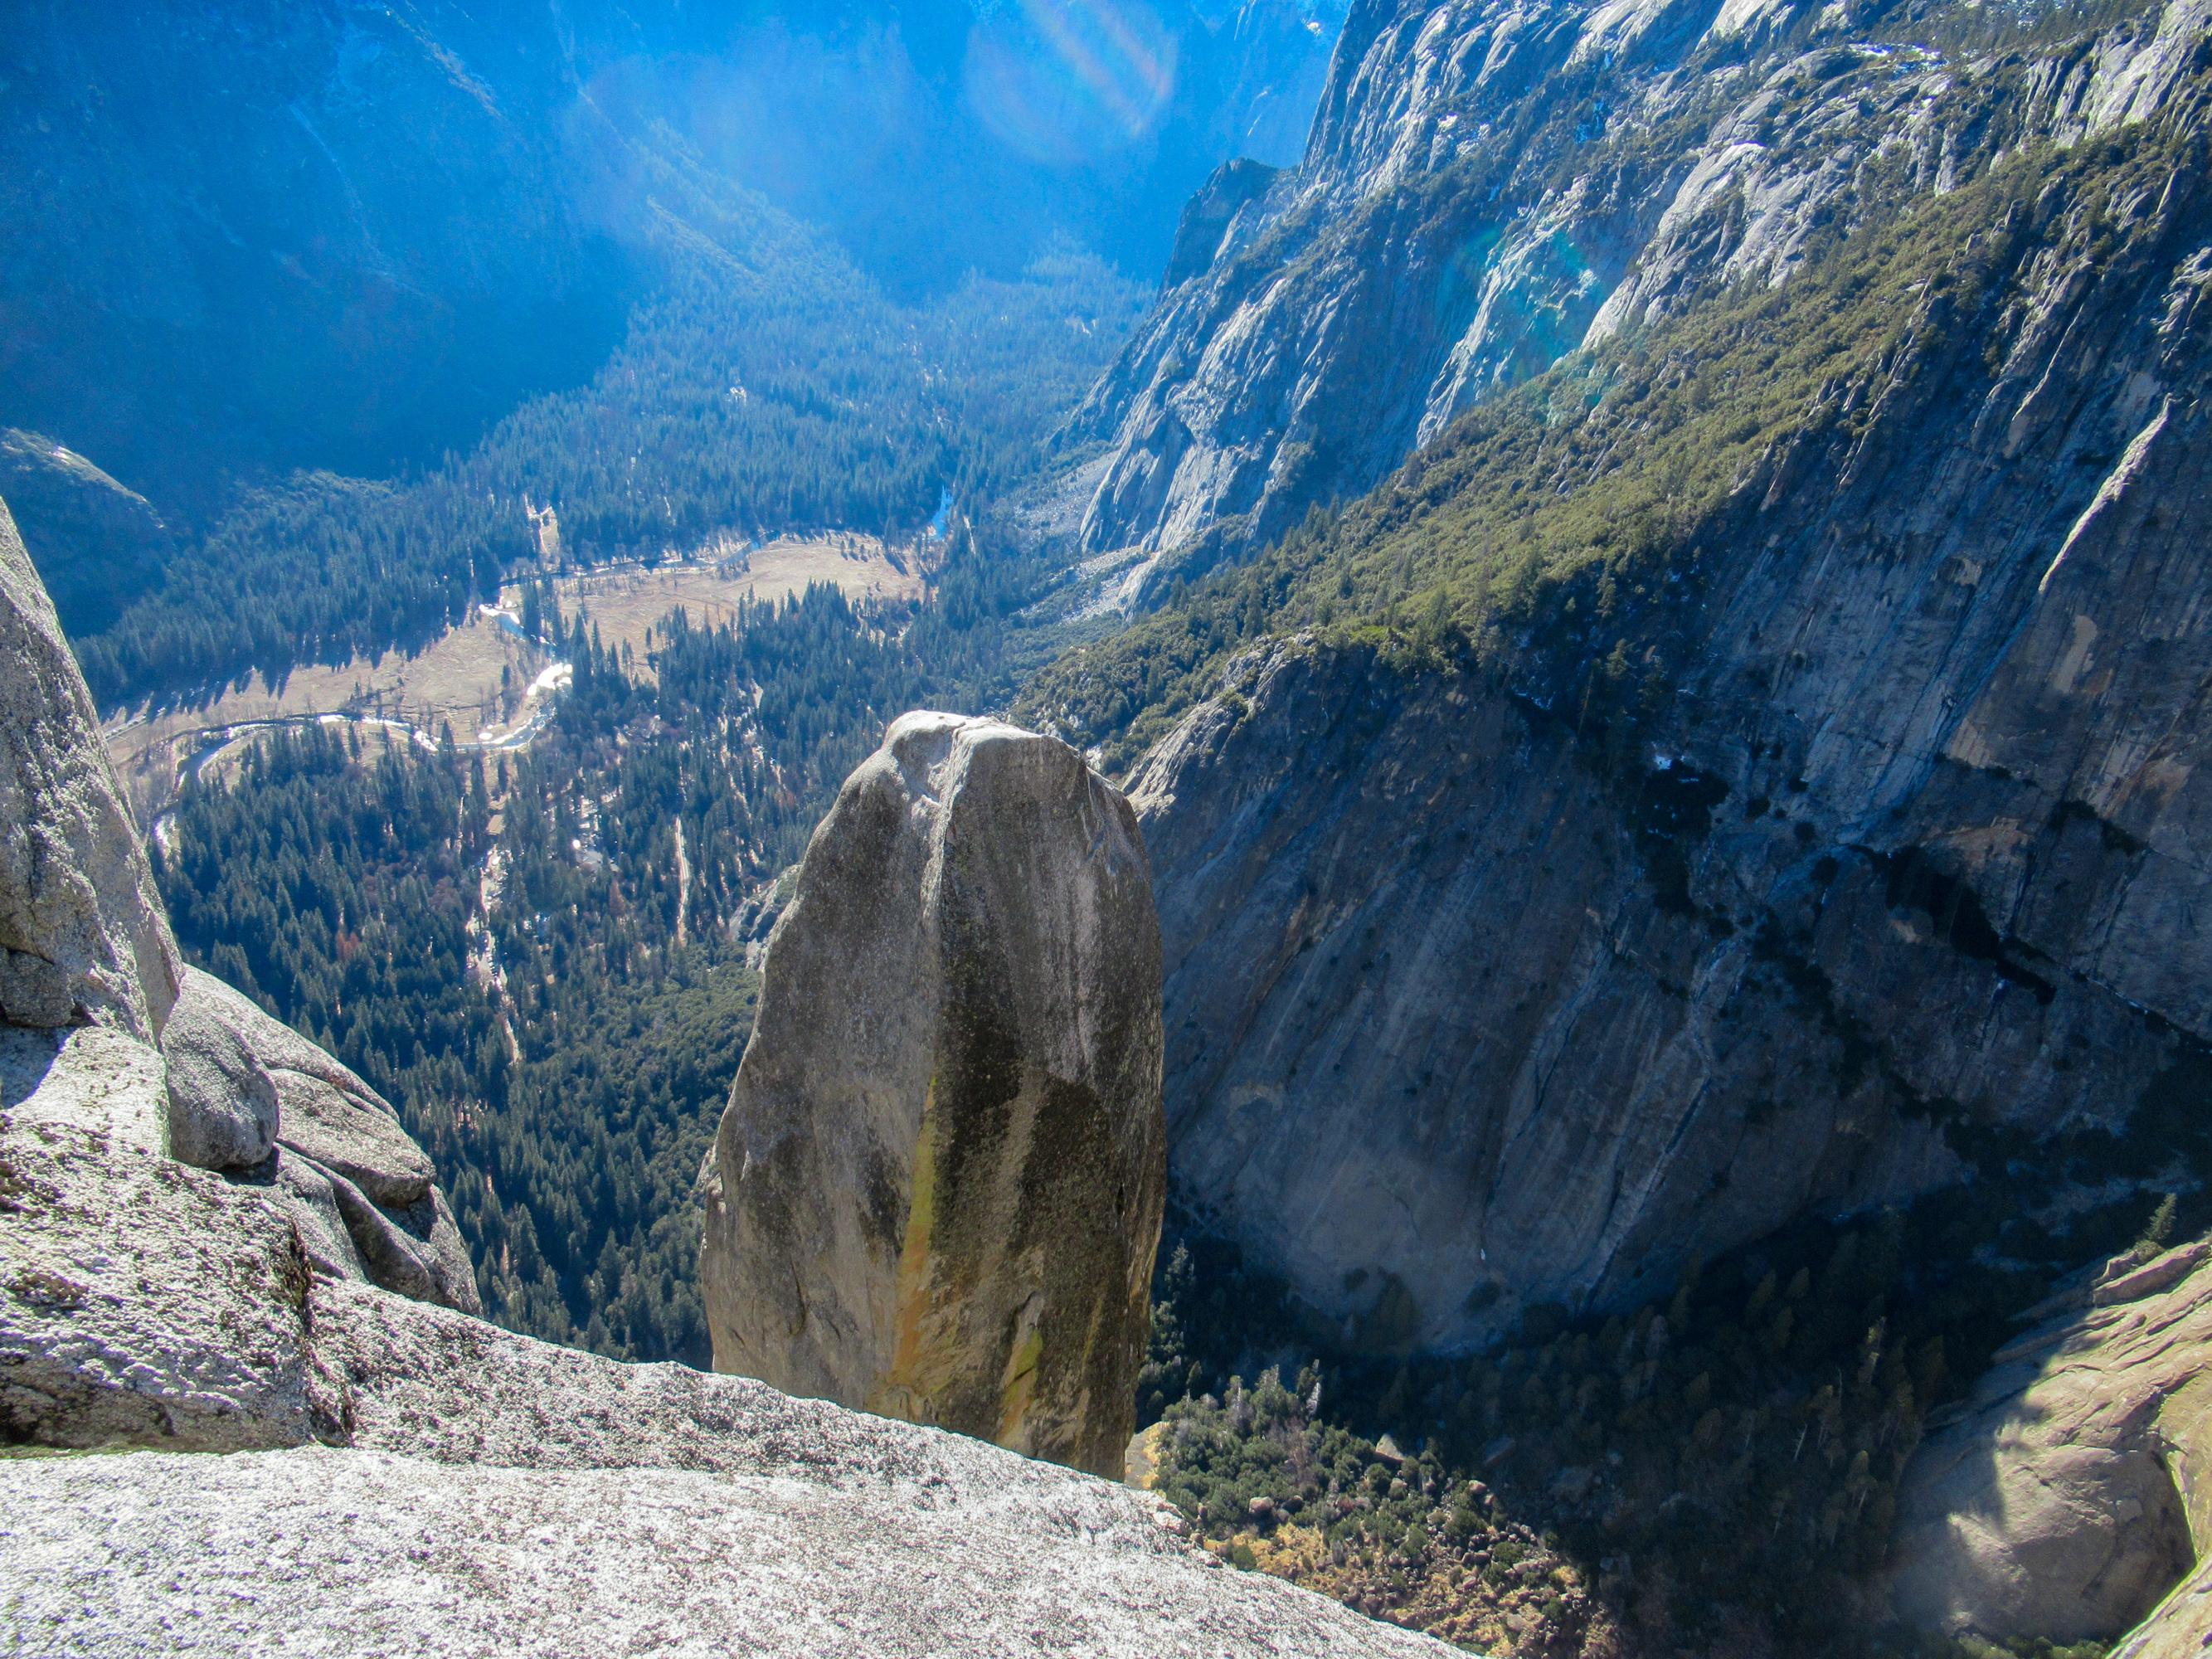 Lost arrow spire looms above Yosemite Falls.